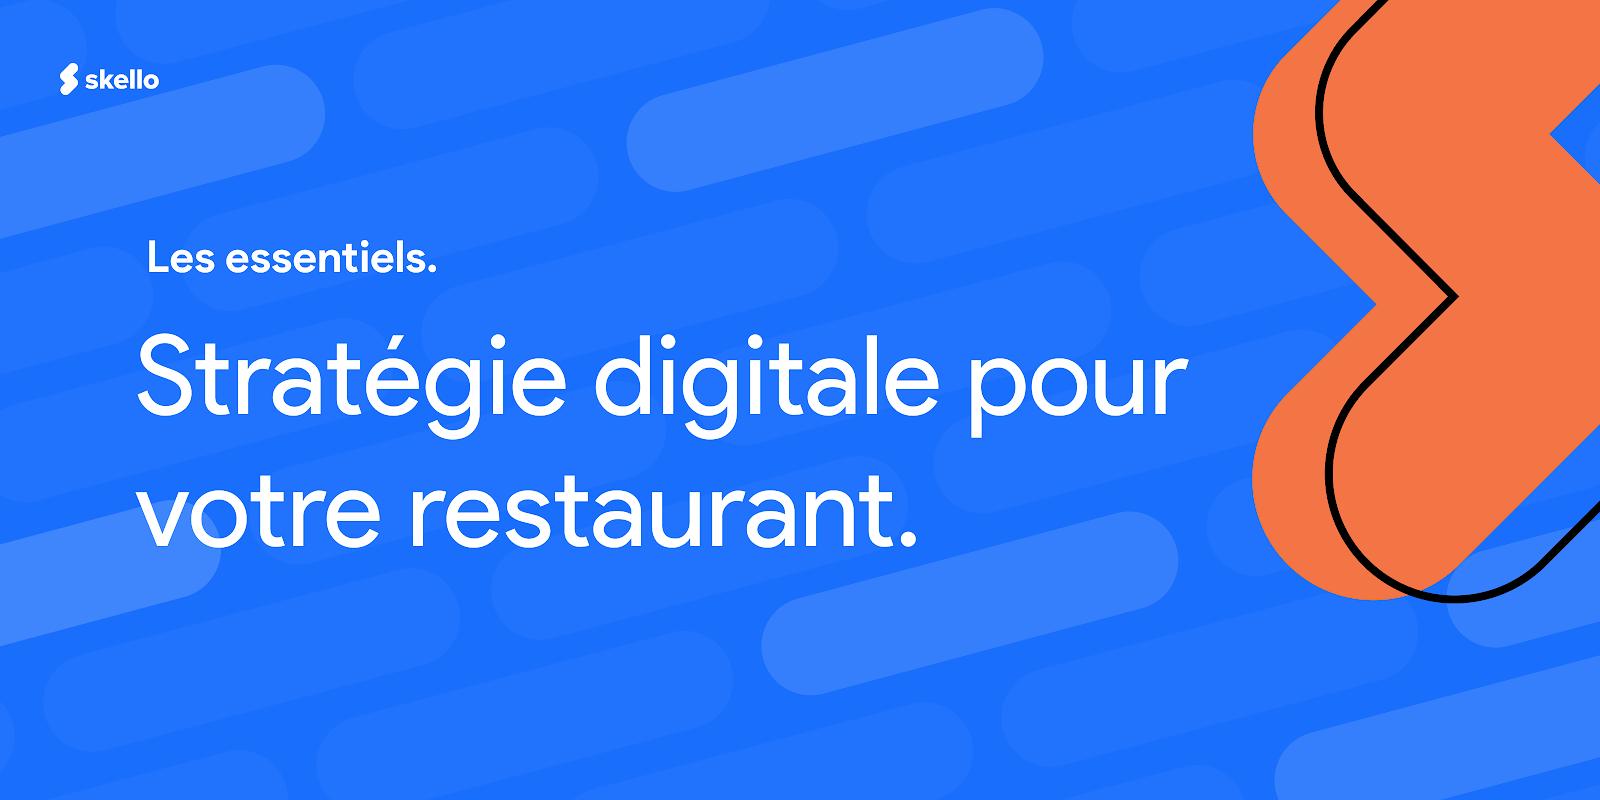 Stratégie digitale pour votre restaurant: les essentiels